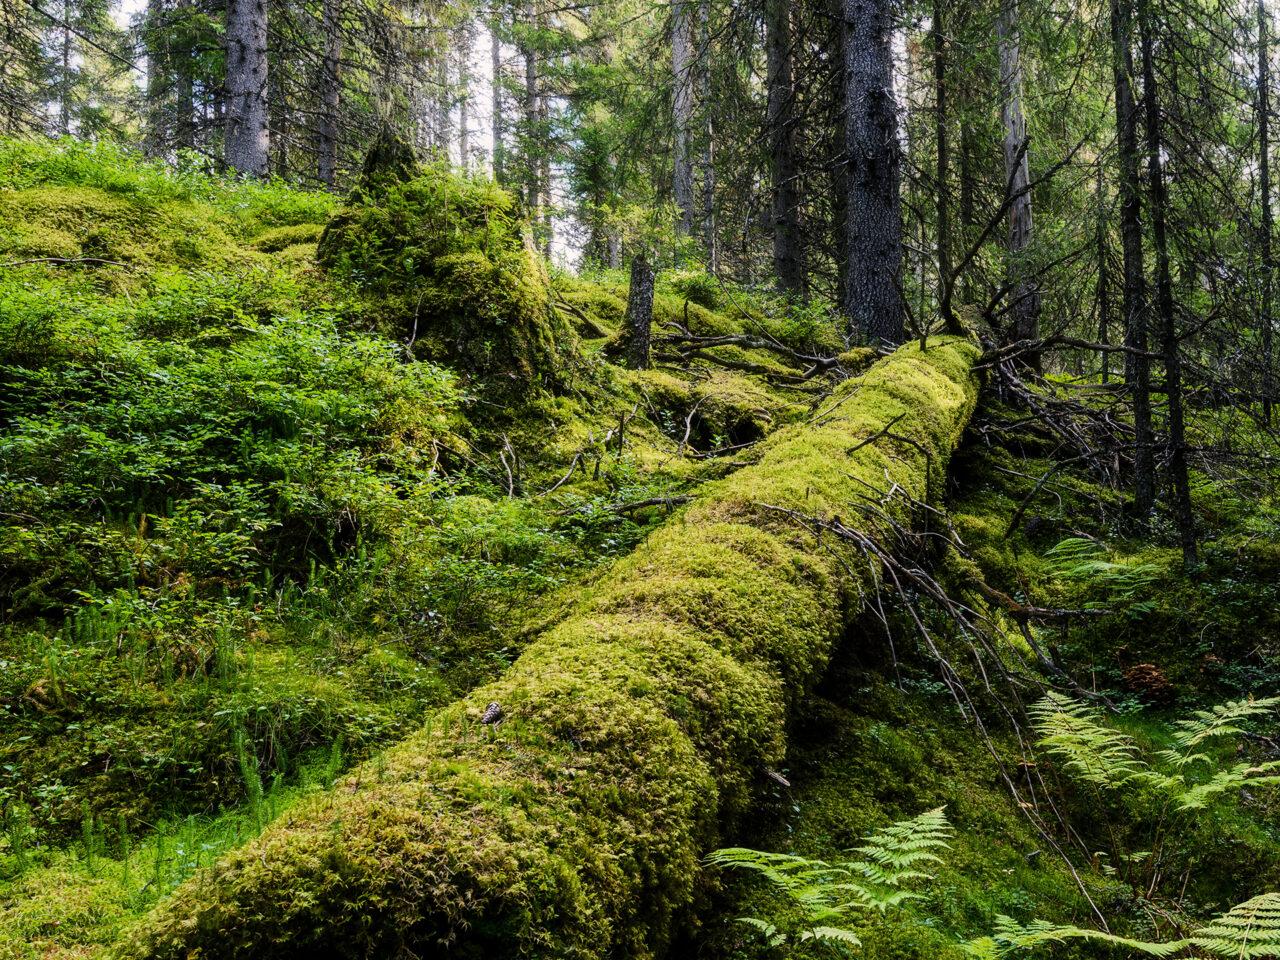 mossa, skog, stam, gammal skog, död ved, övervuxen, trädstam, grön, grönt,